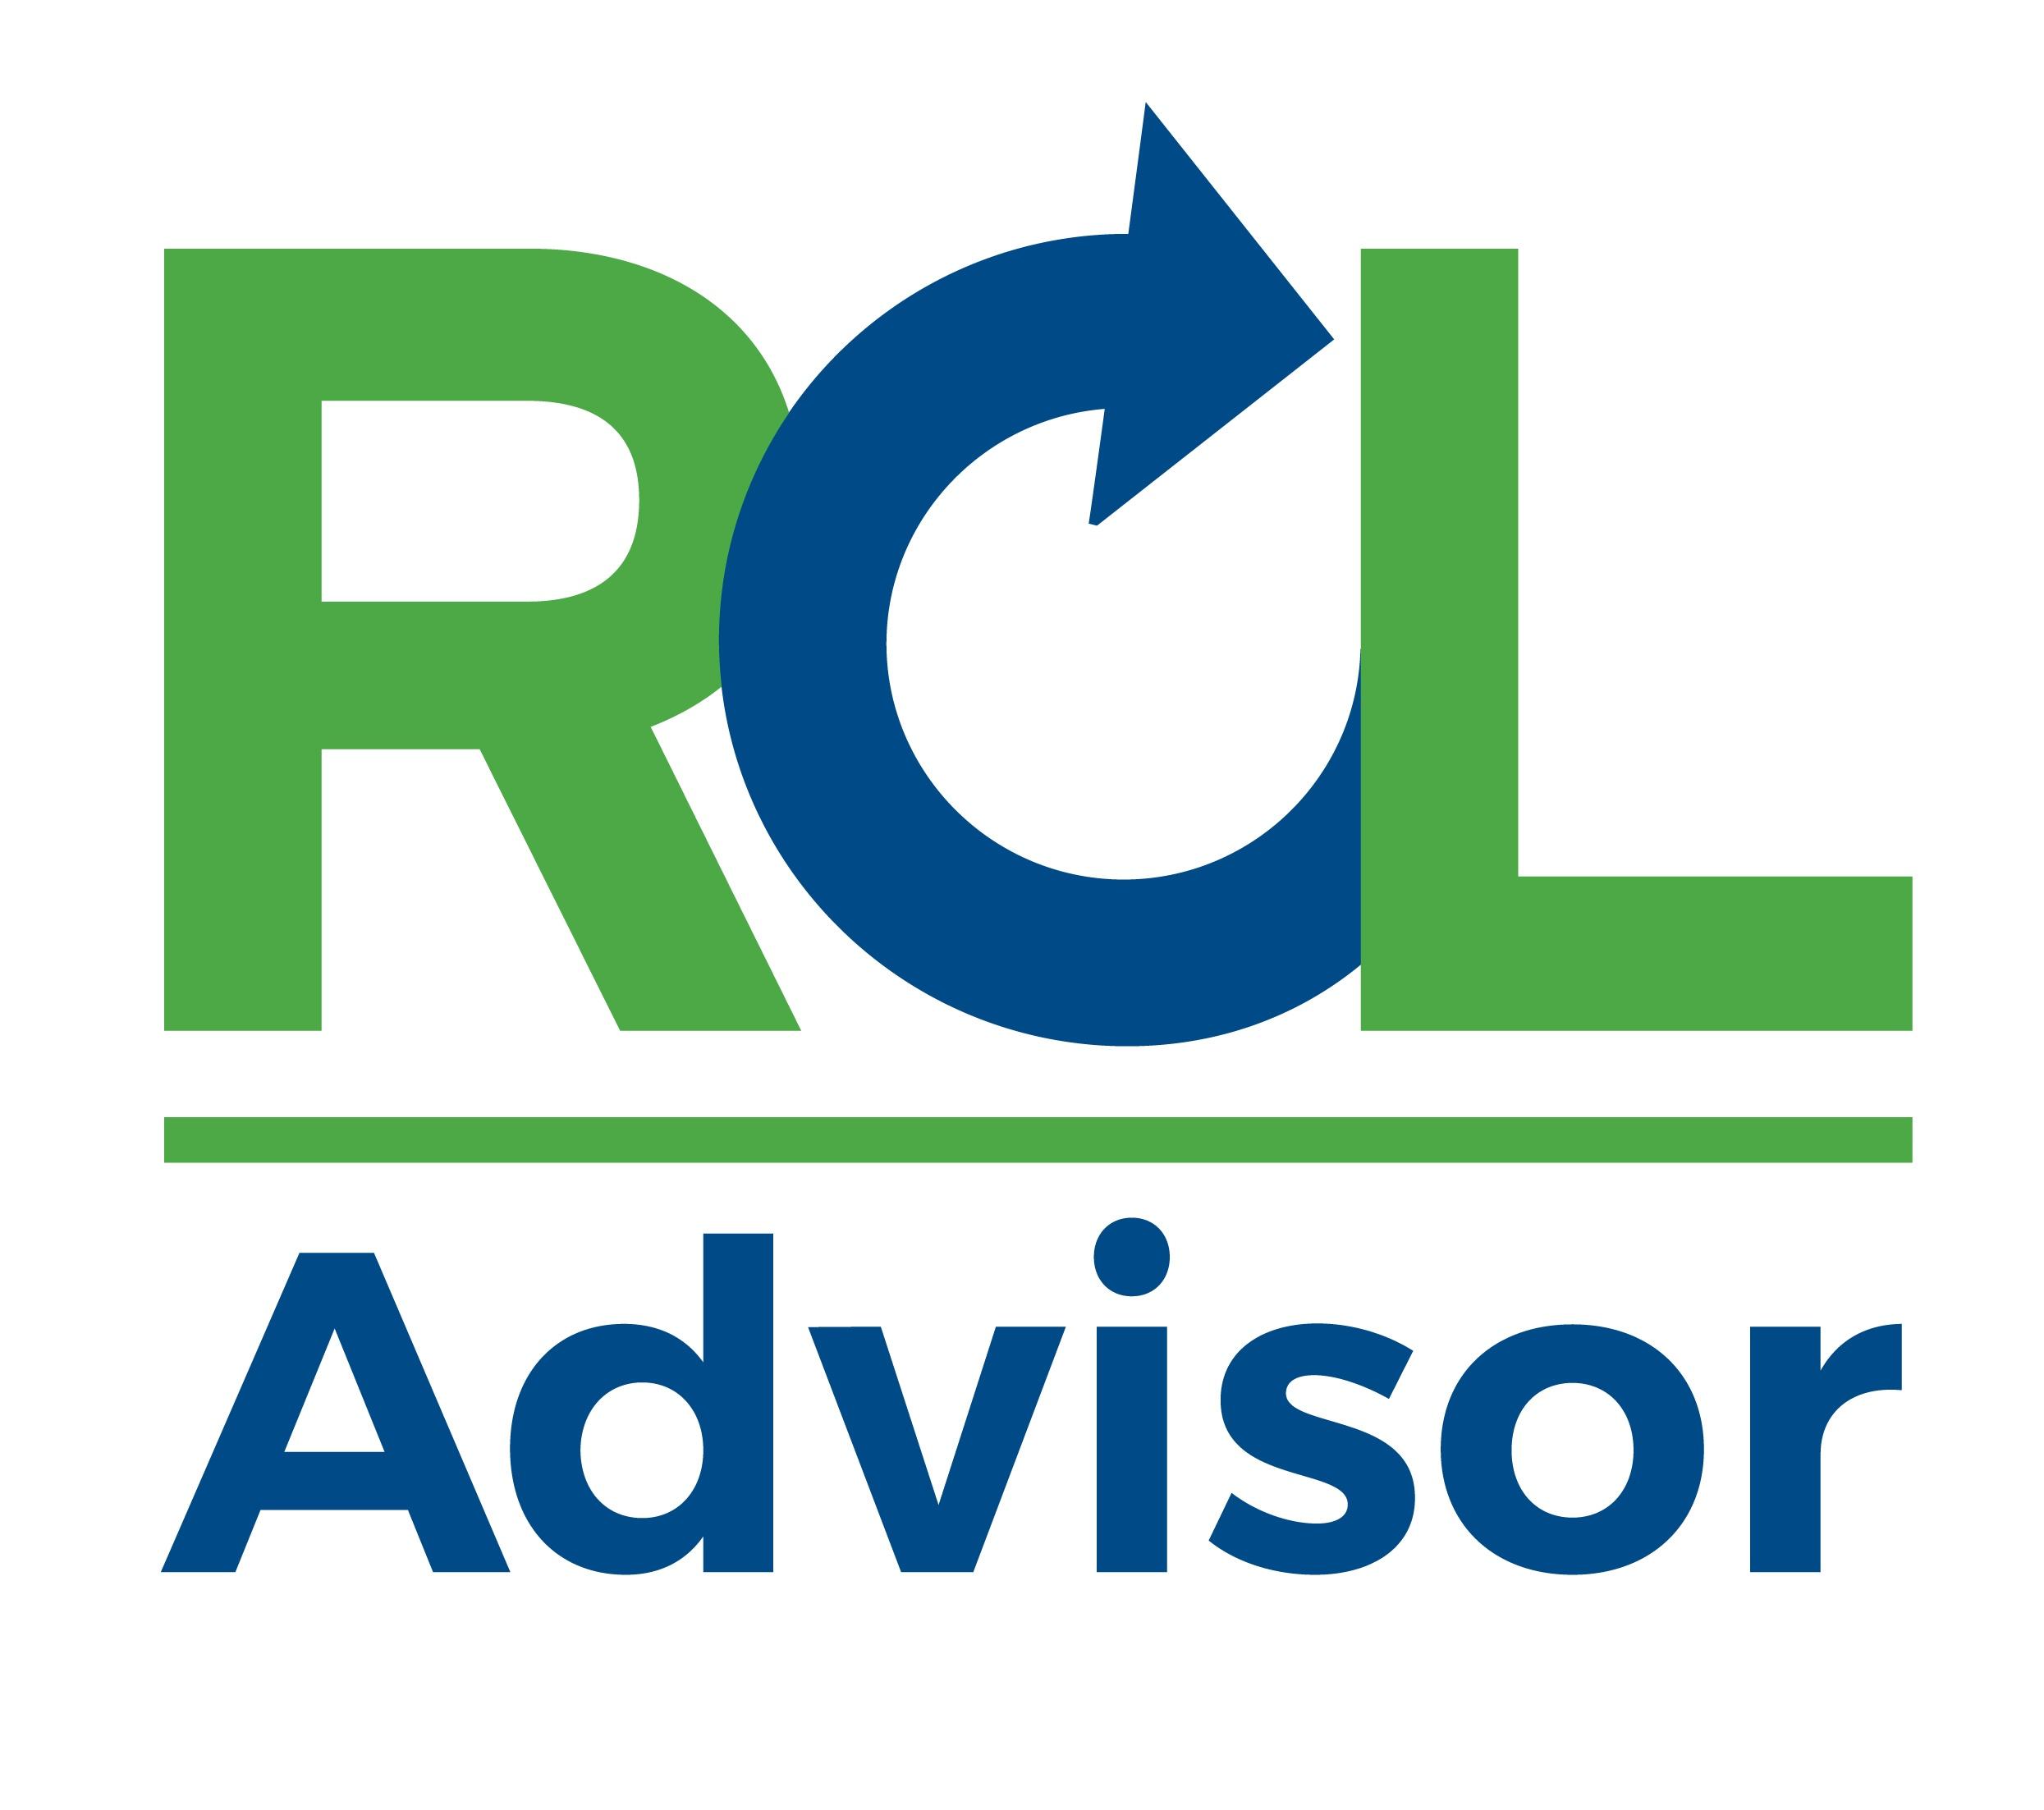 ROL-Advisor-Logo High Res.jpg